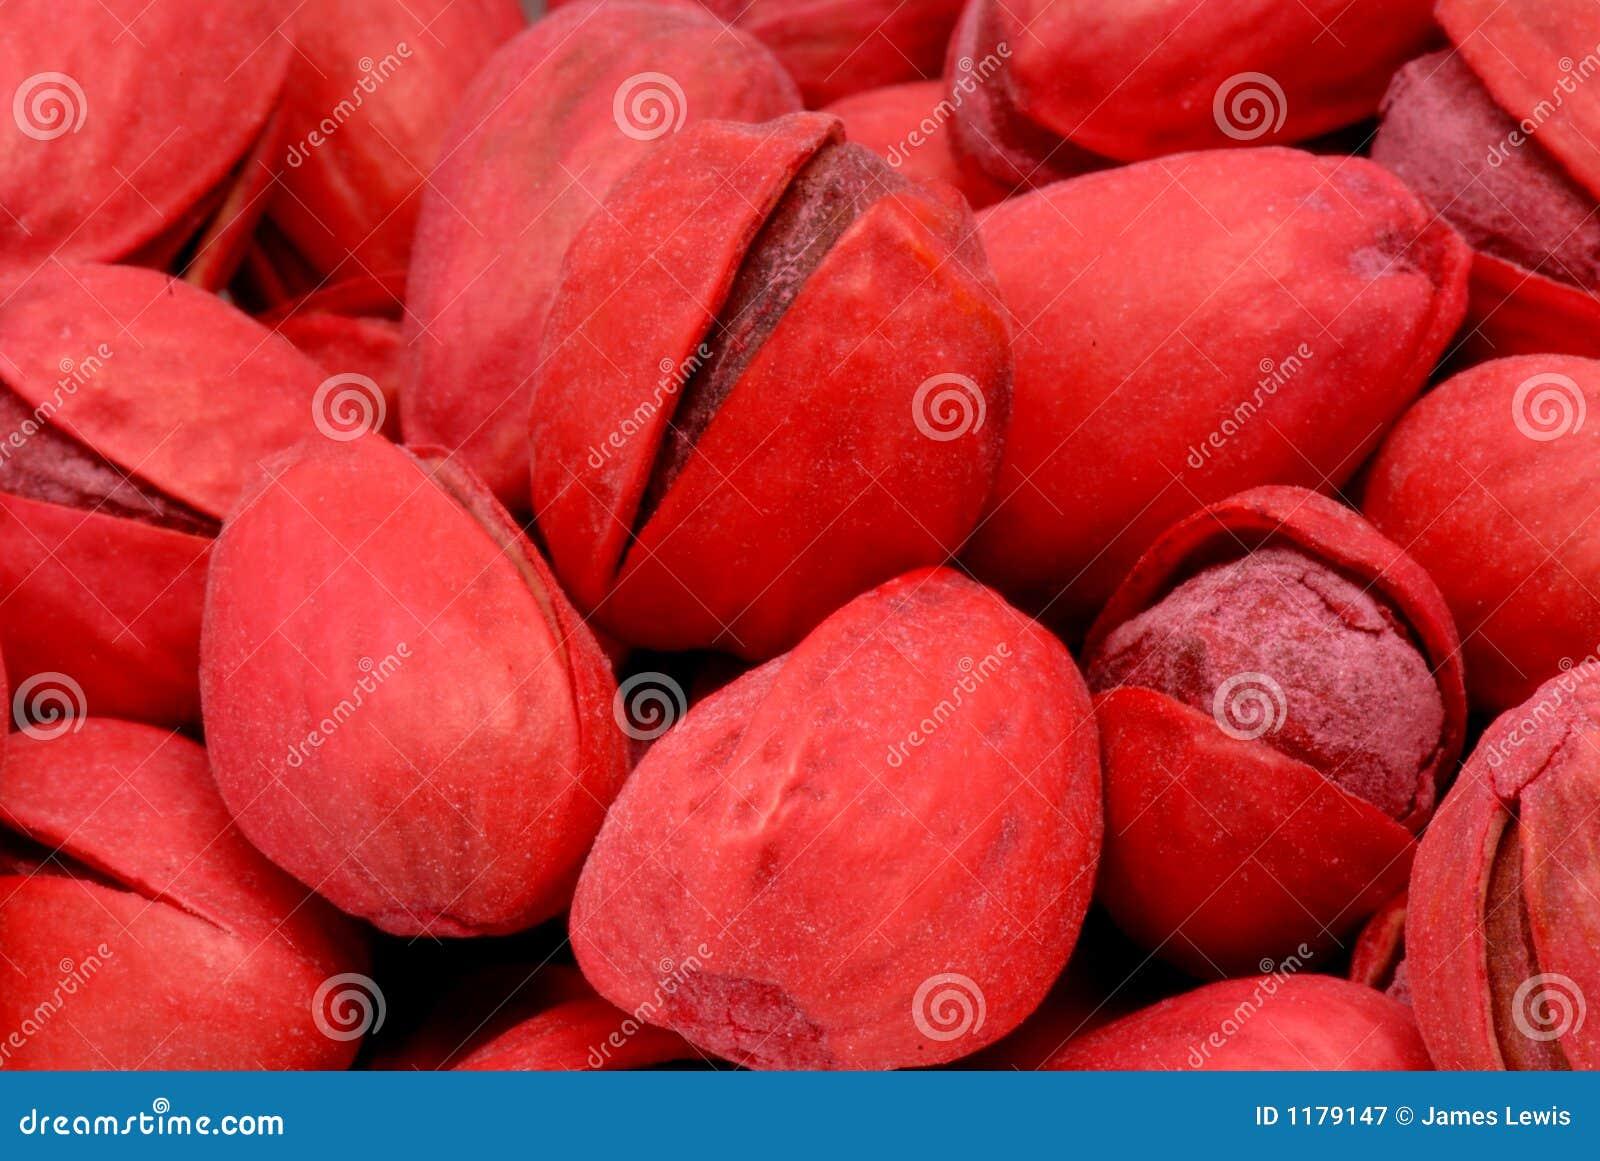 Rote Pistazien 1